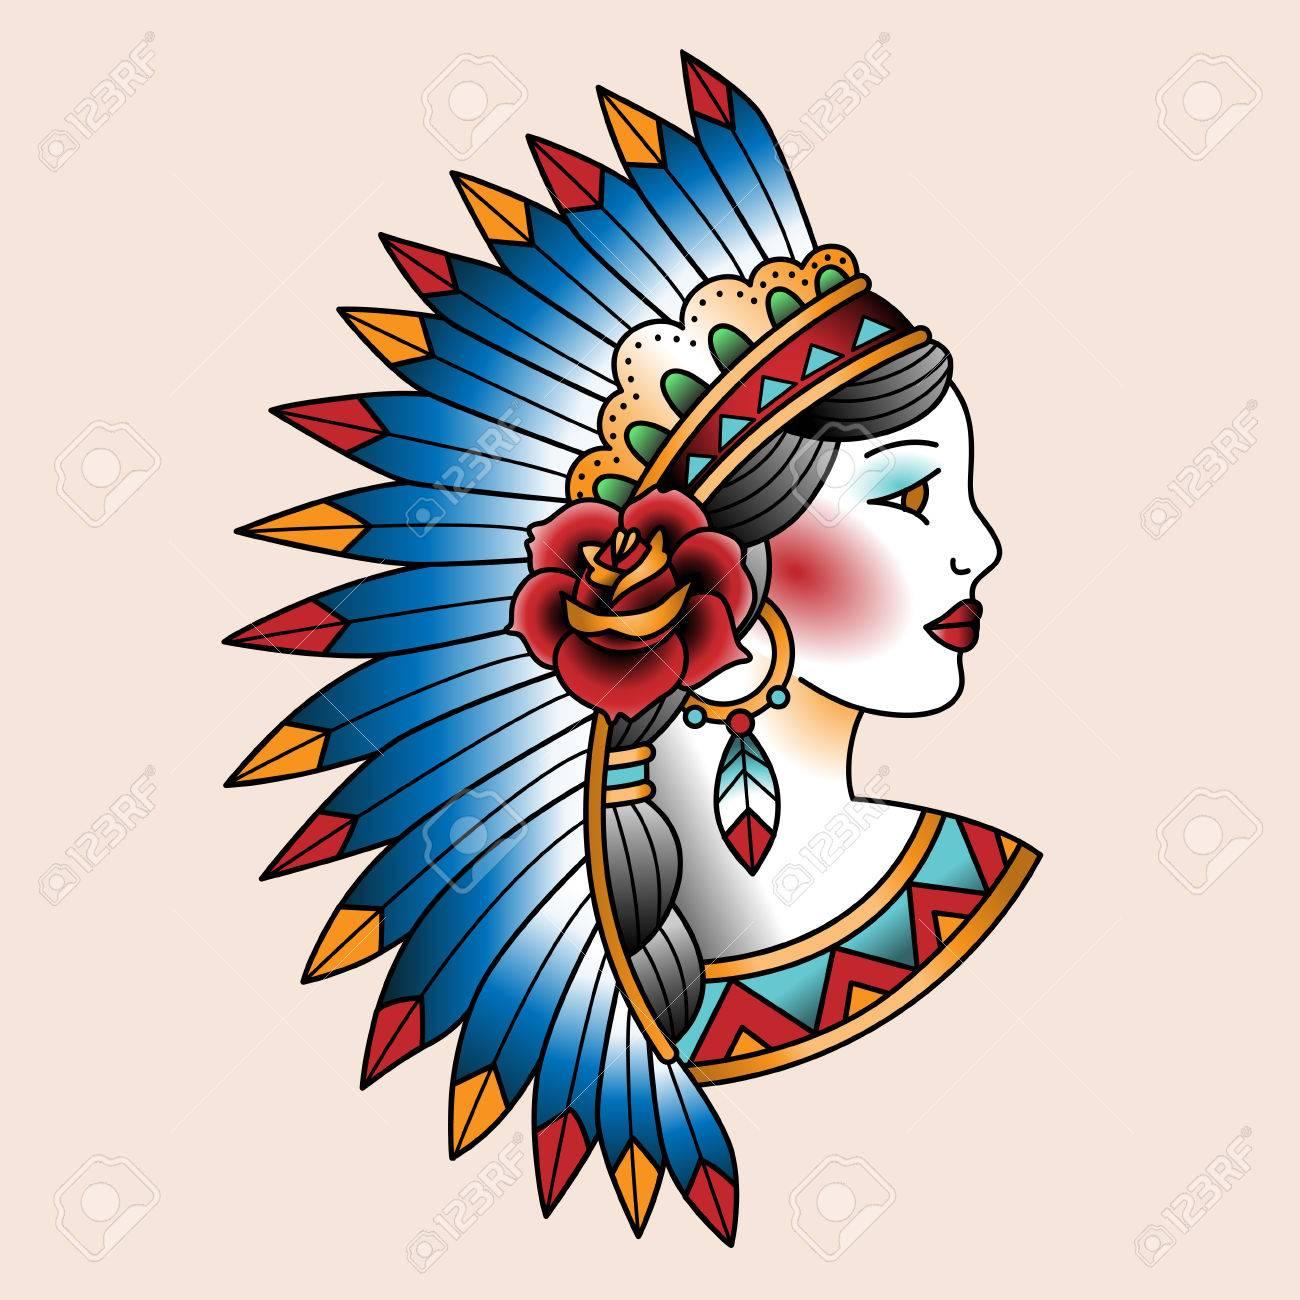 1300x1300 Native American Girl In National Headdress. Tattoo Art